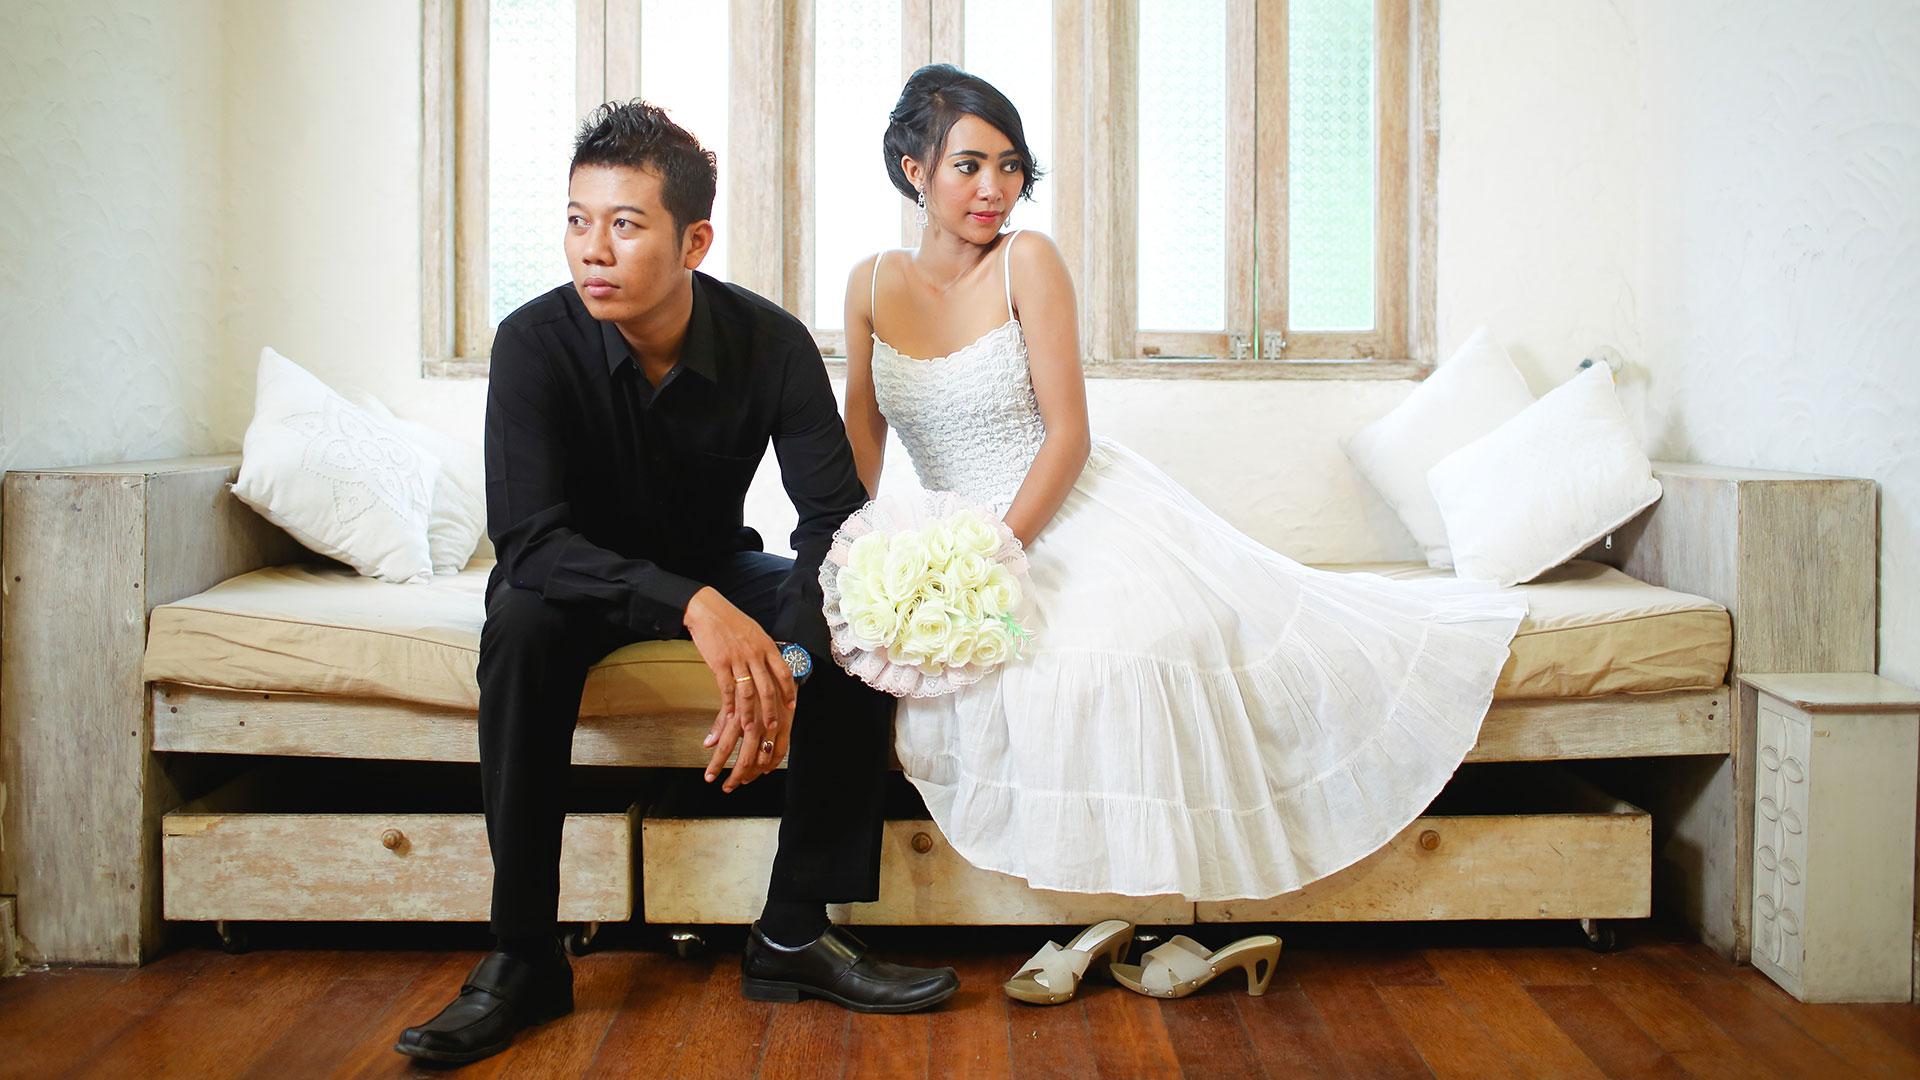 Joni & Ayu Pre Wedding gallery, taken at Kintamani, Gunarsa Museum, and Putih Pino Cafe.